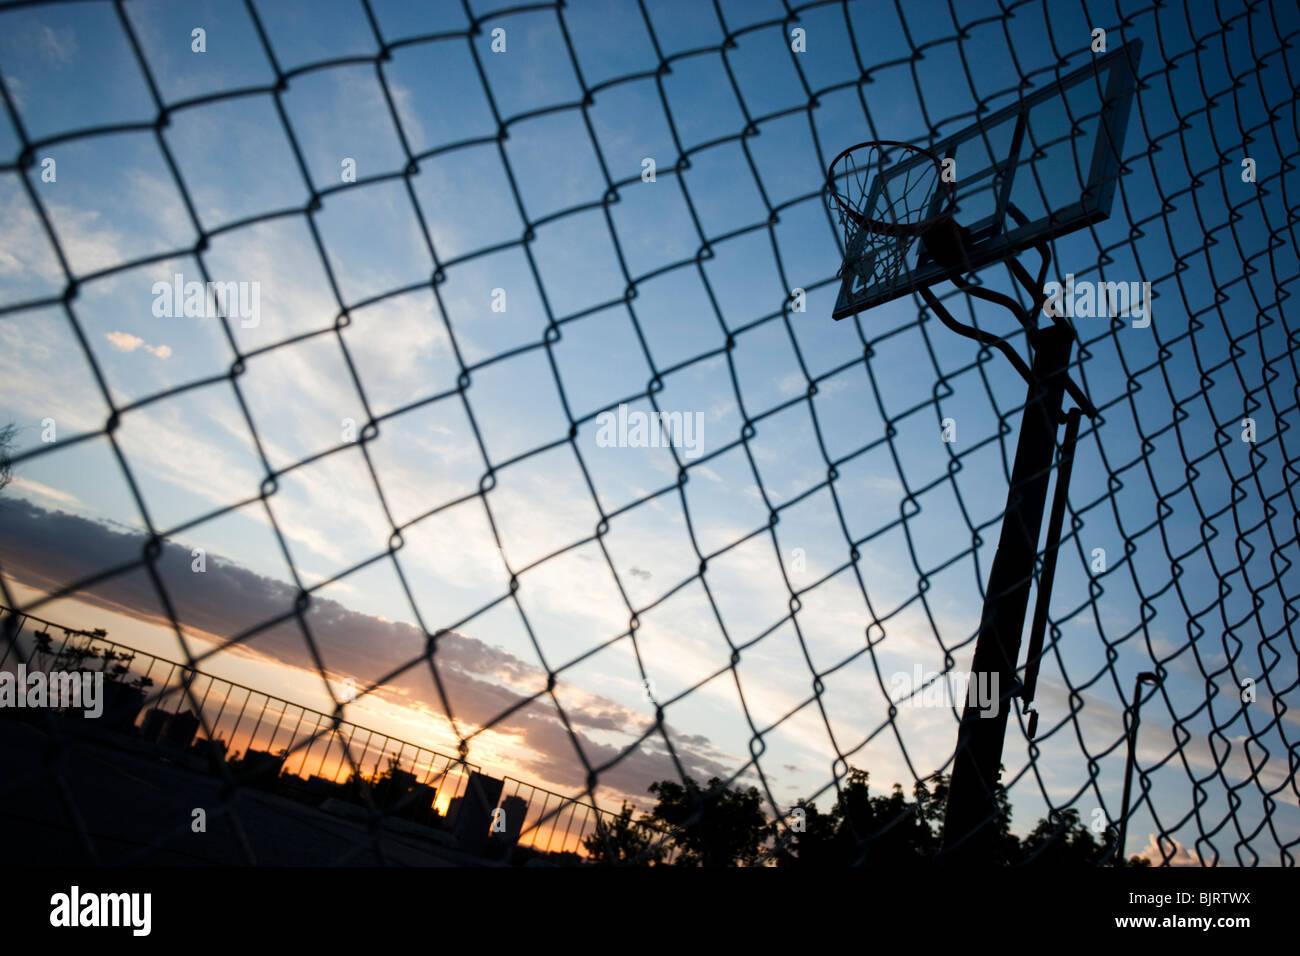 Estados Unidos, Utah, Salt Lake City, baloncesto contra el cielo, vista de ángulo bajo Imagen De Stock